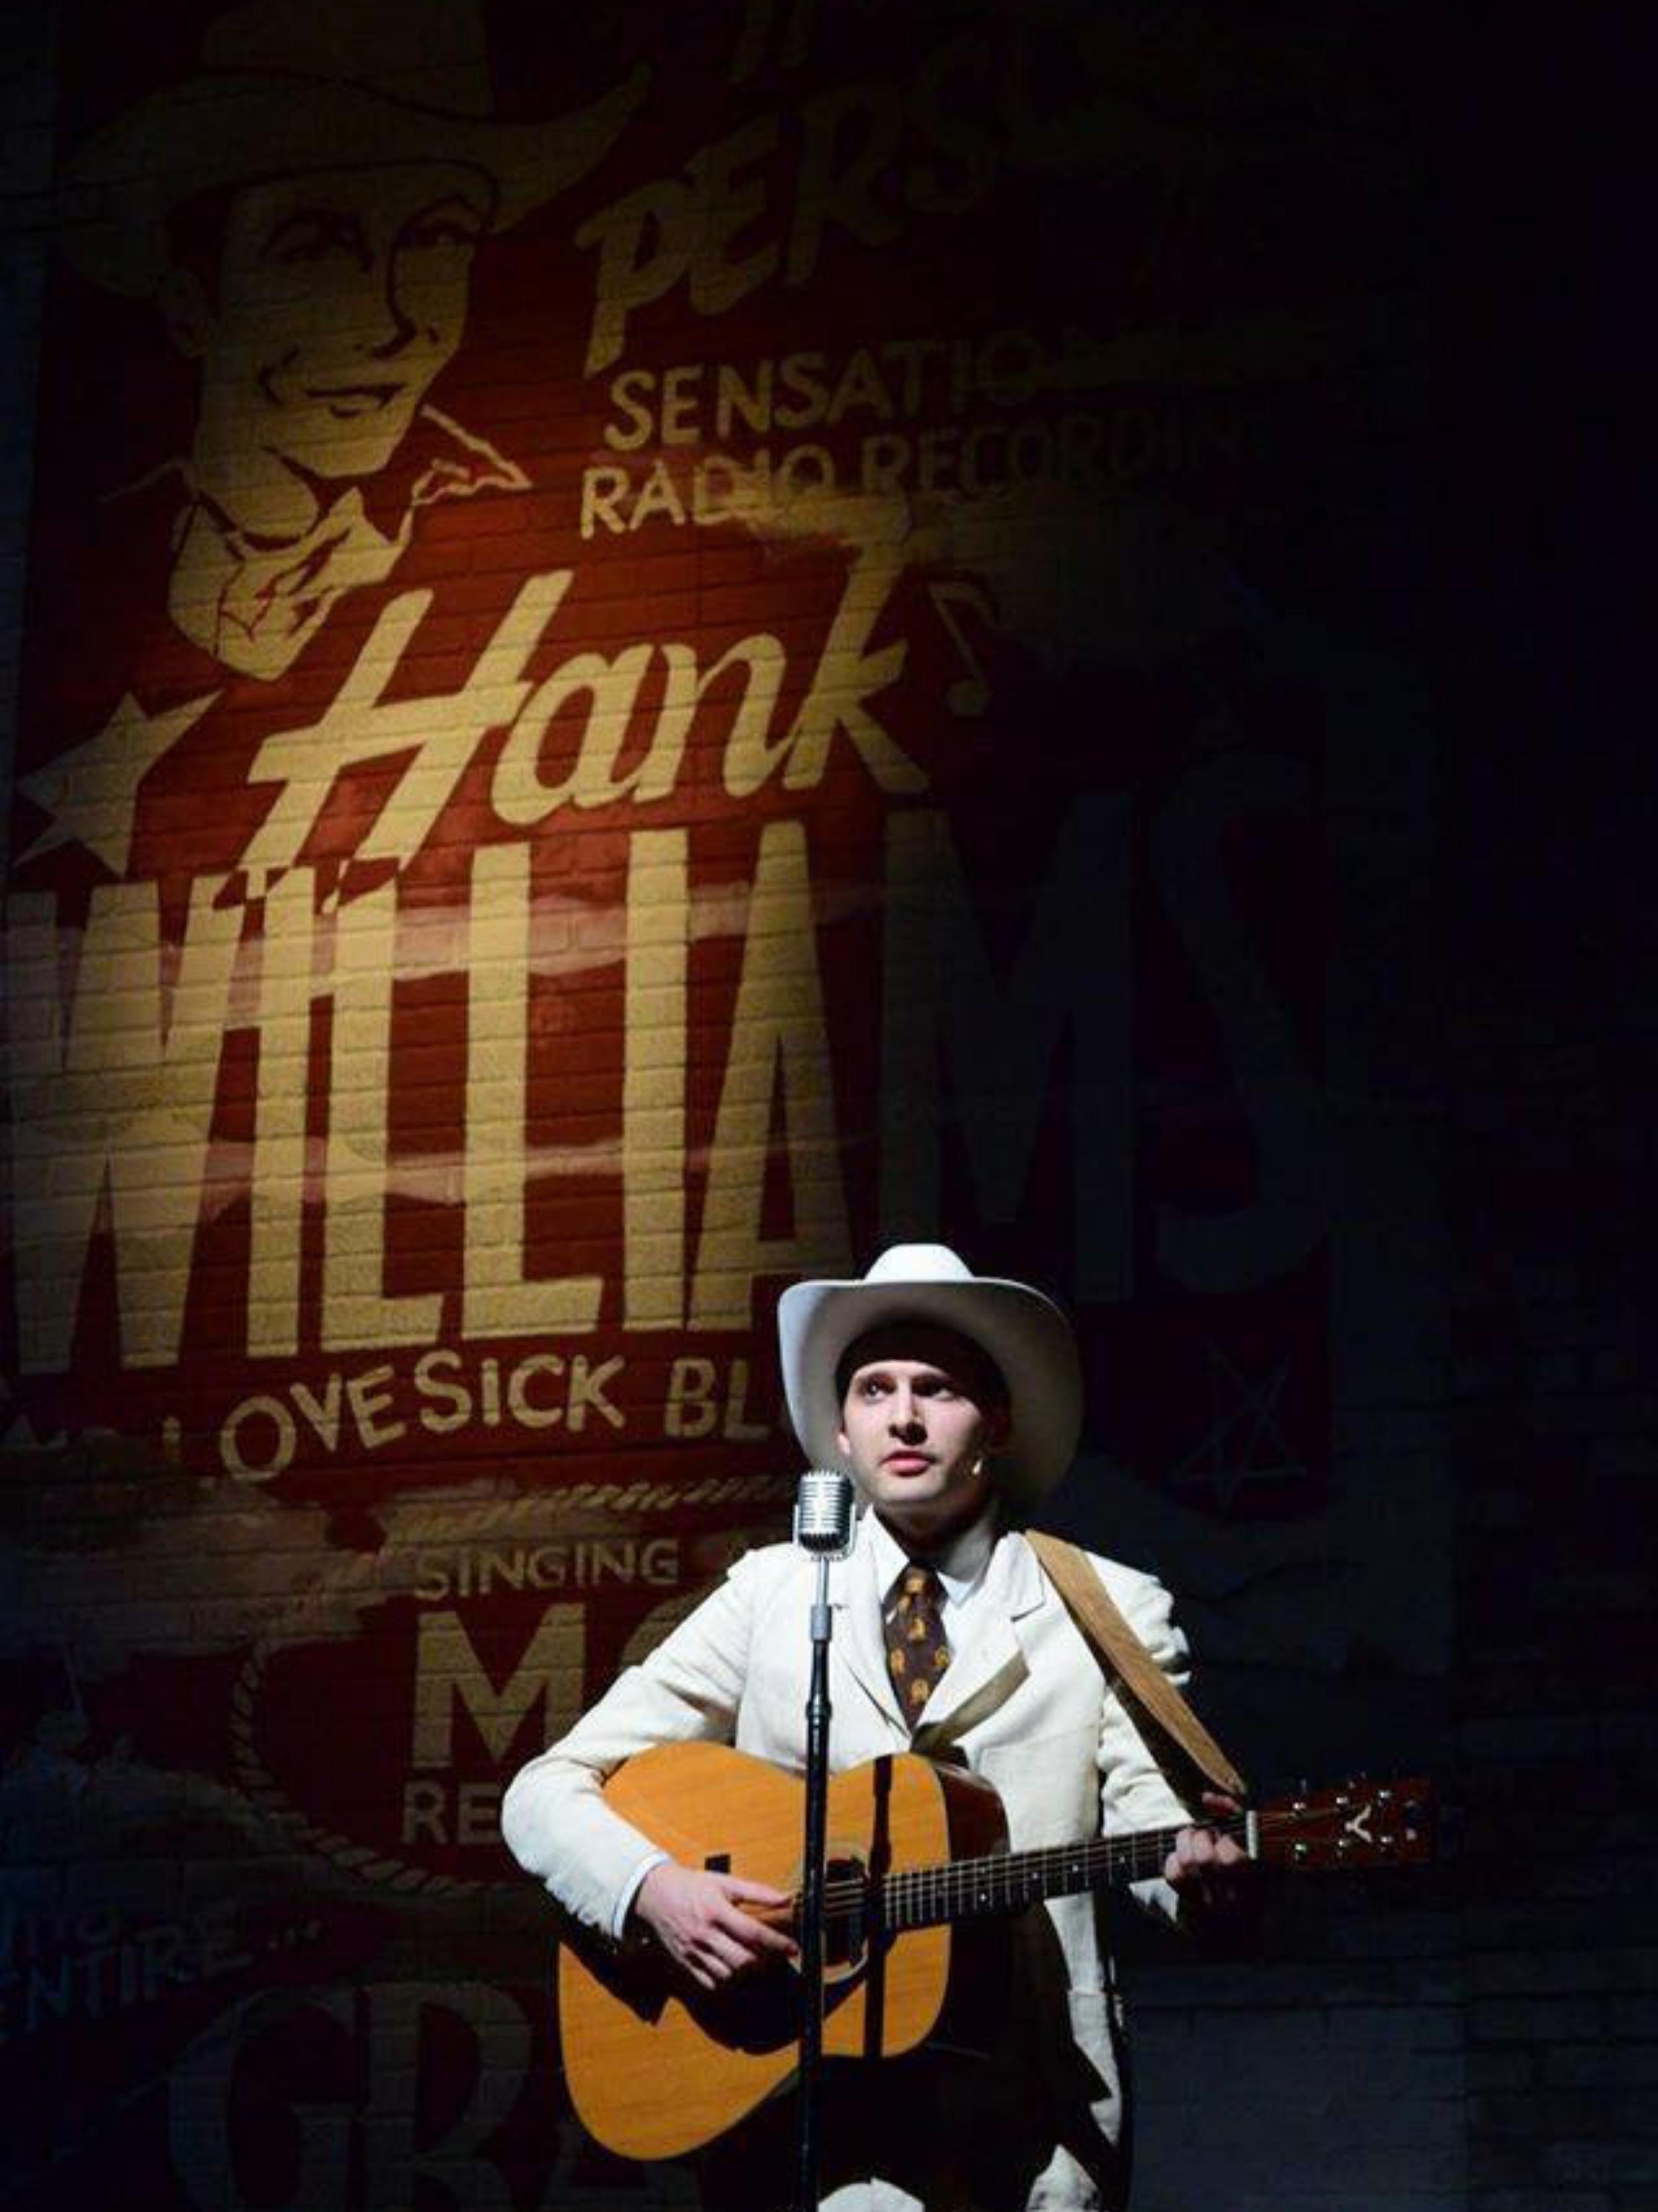 hank-williams-lost-highway-ben-randle-allen-willner-hank13.jpg